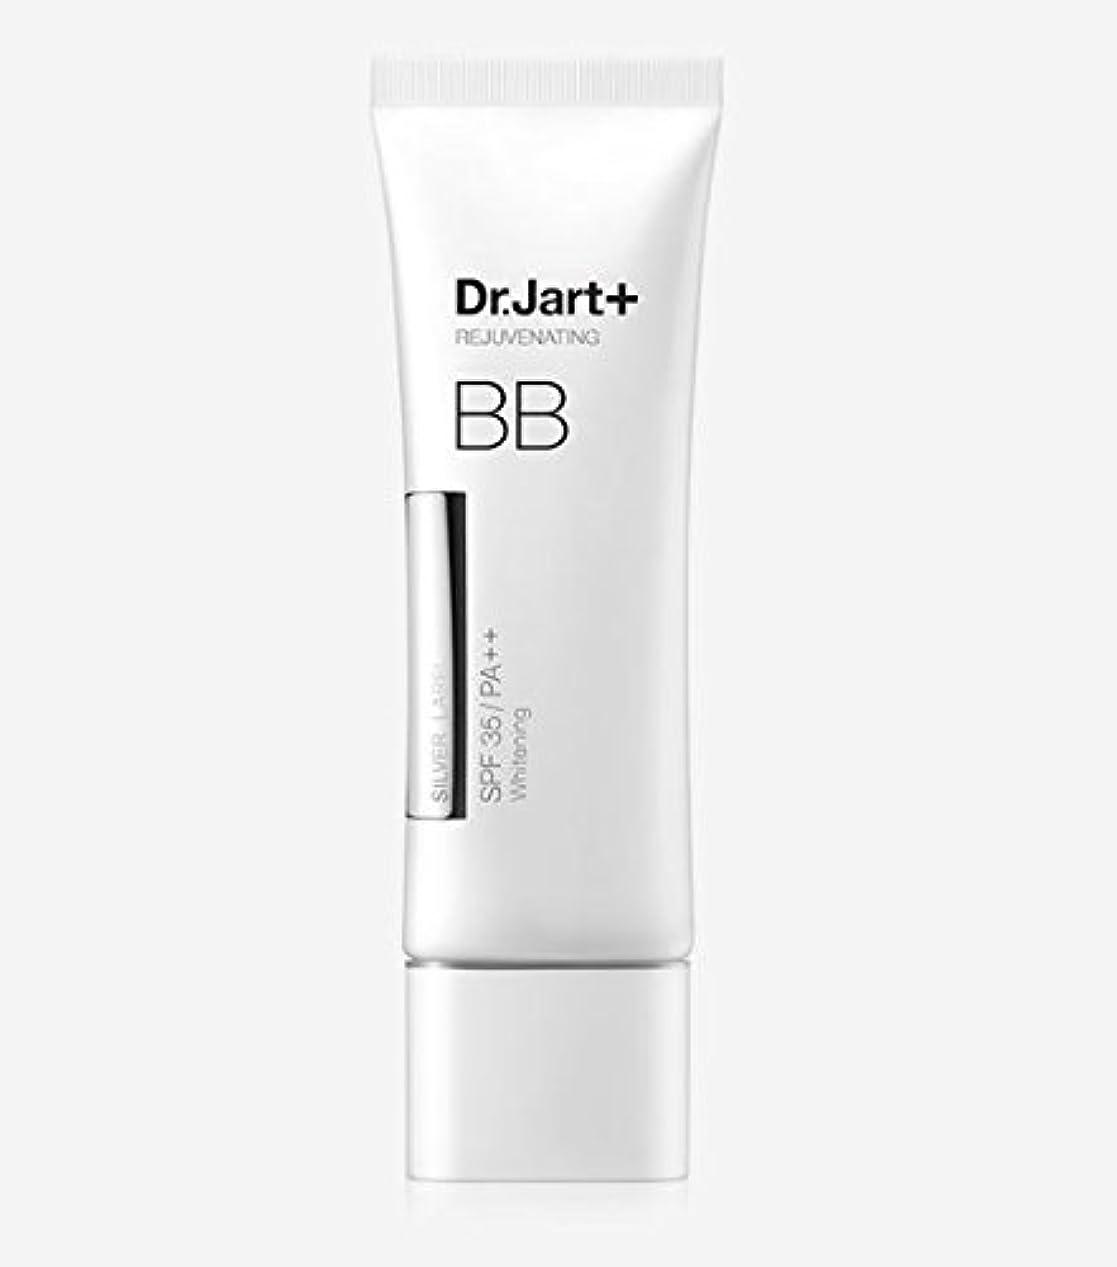 先に容量依存する[Dr. Jart] Silver Label BB Rejuvenating Beauty Balm 50ml SPF35 PA++/[ドクタージャルト] シルバーラベル BB リジュビネイティング ビューティー バーム 50ml SPF35 PA++ [並行輸入品]